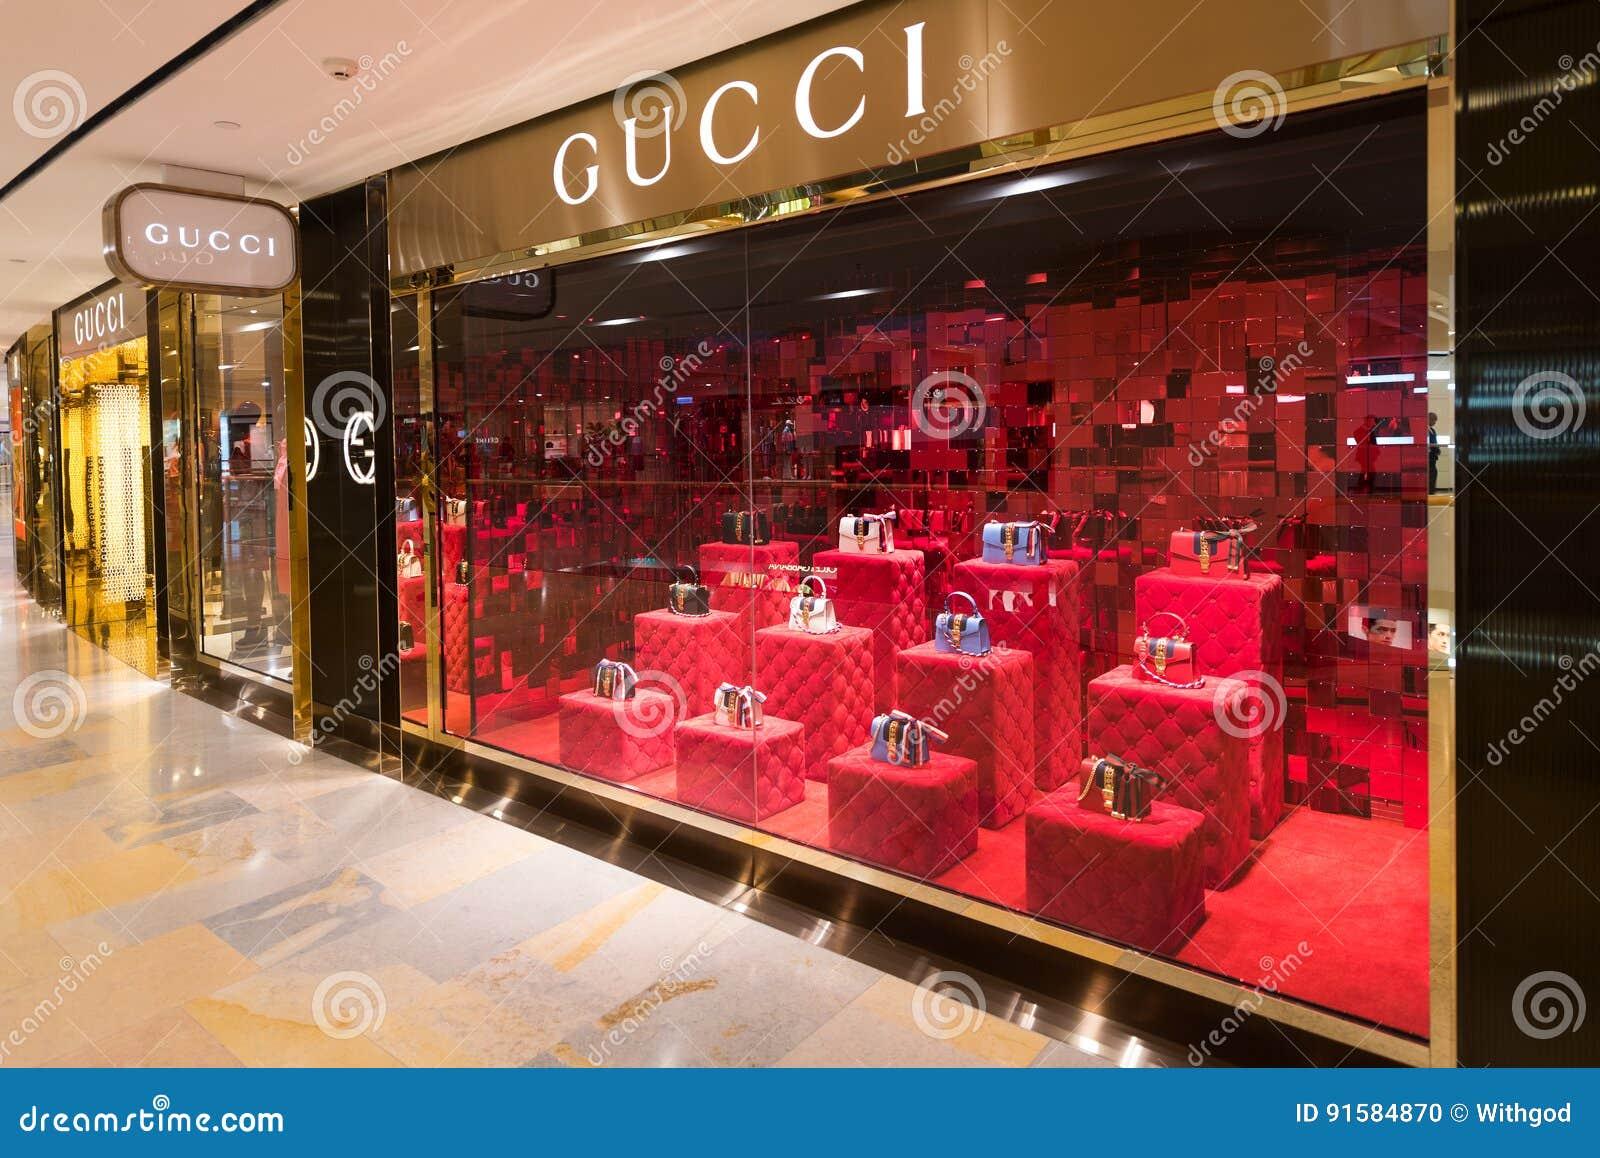 f026419f2a4 HONGKONG - MARS 17, 2017: Ett Gucci lager i den Stillahavs- ställegallerian  Gucci är ett italienskt lyxigt märke av mode och lädergods, delen av den  Gucci ...